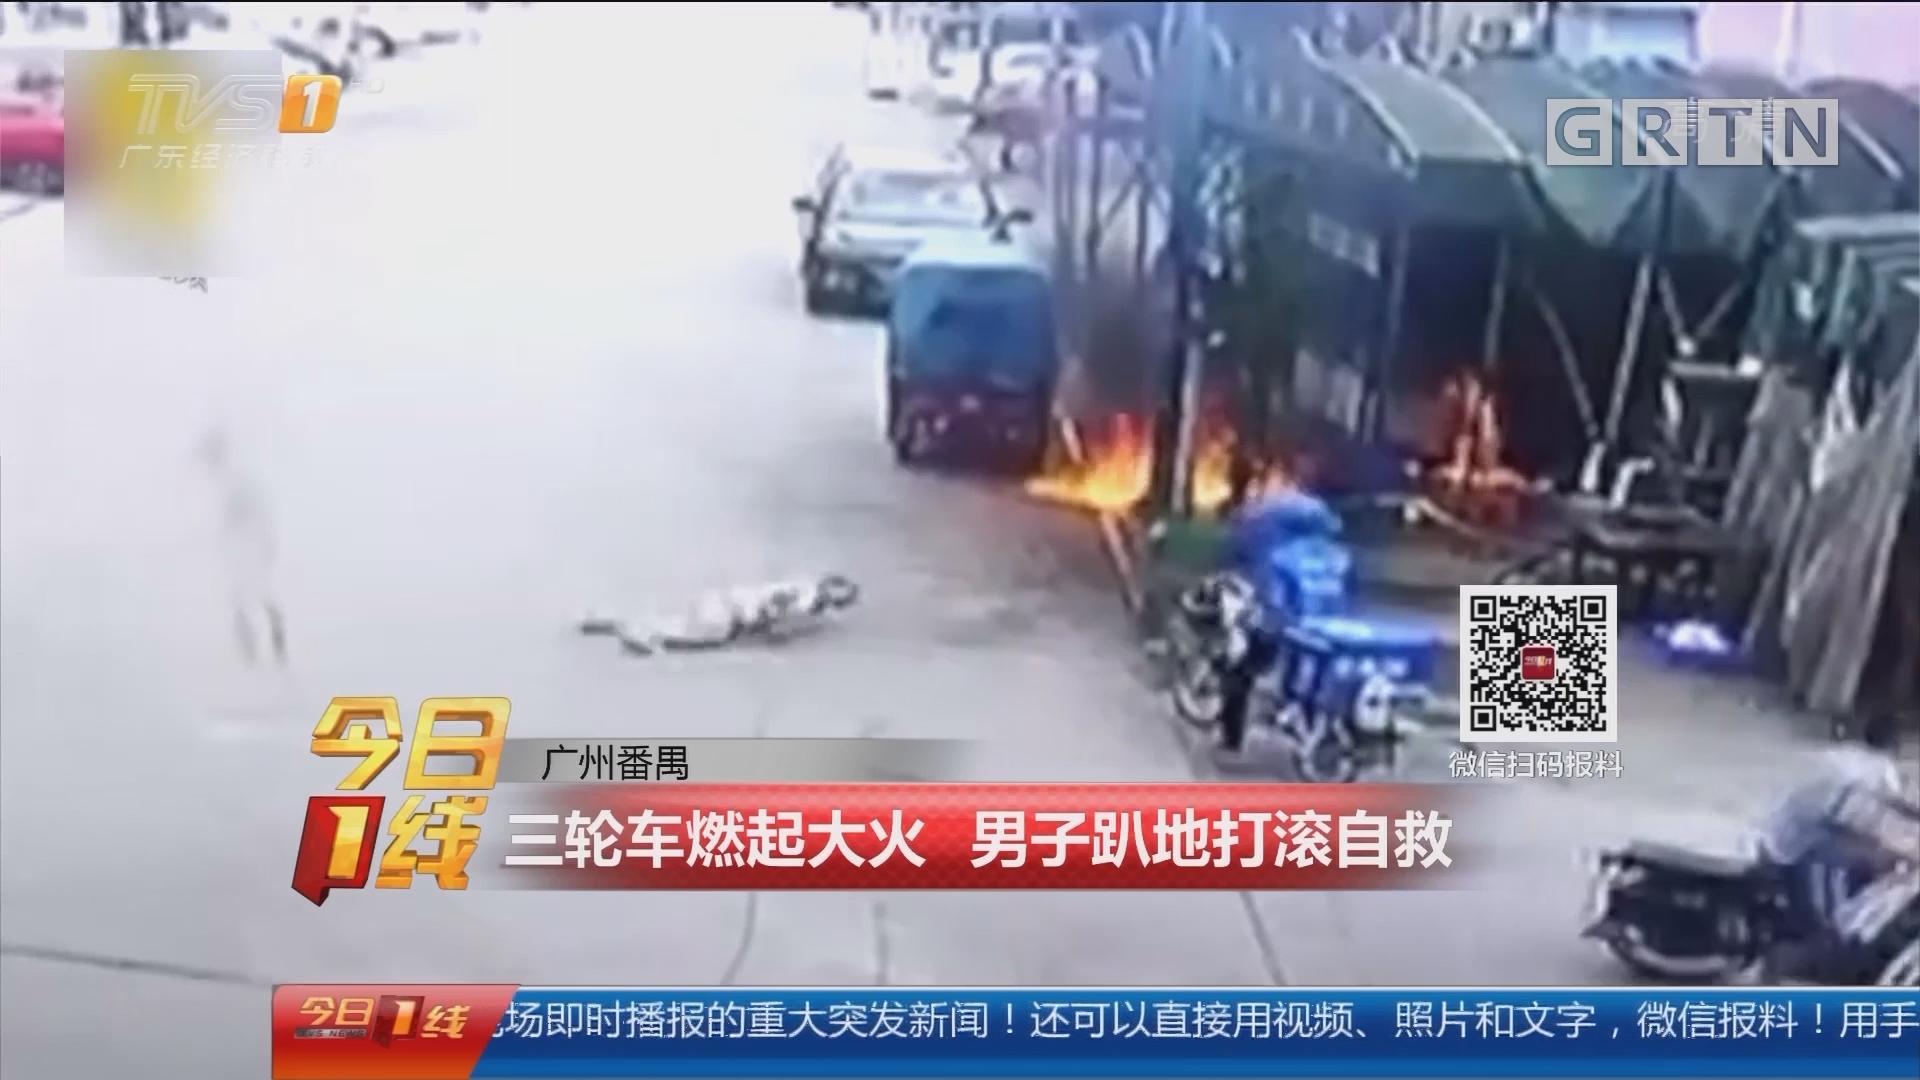 广州番禺:三轮车燃起大火 男子趴地打滚自救